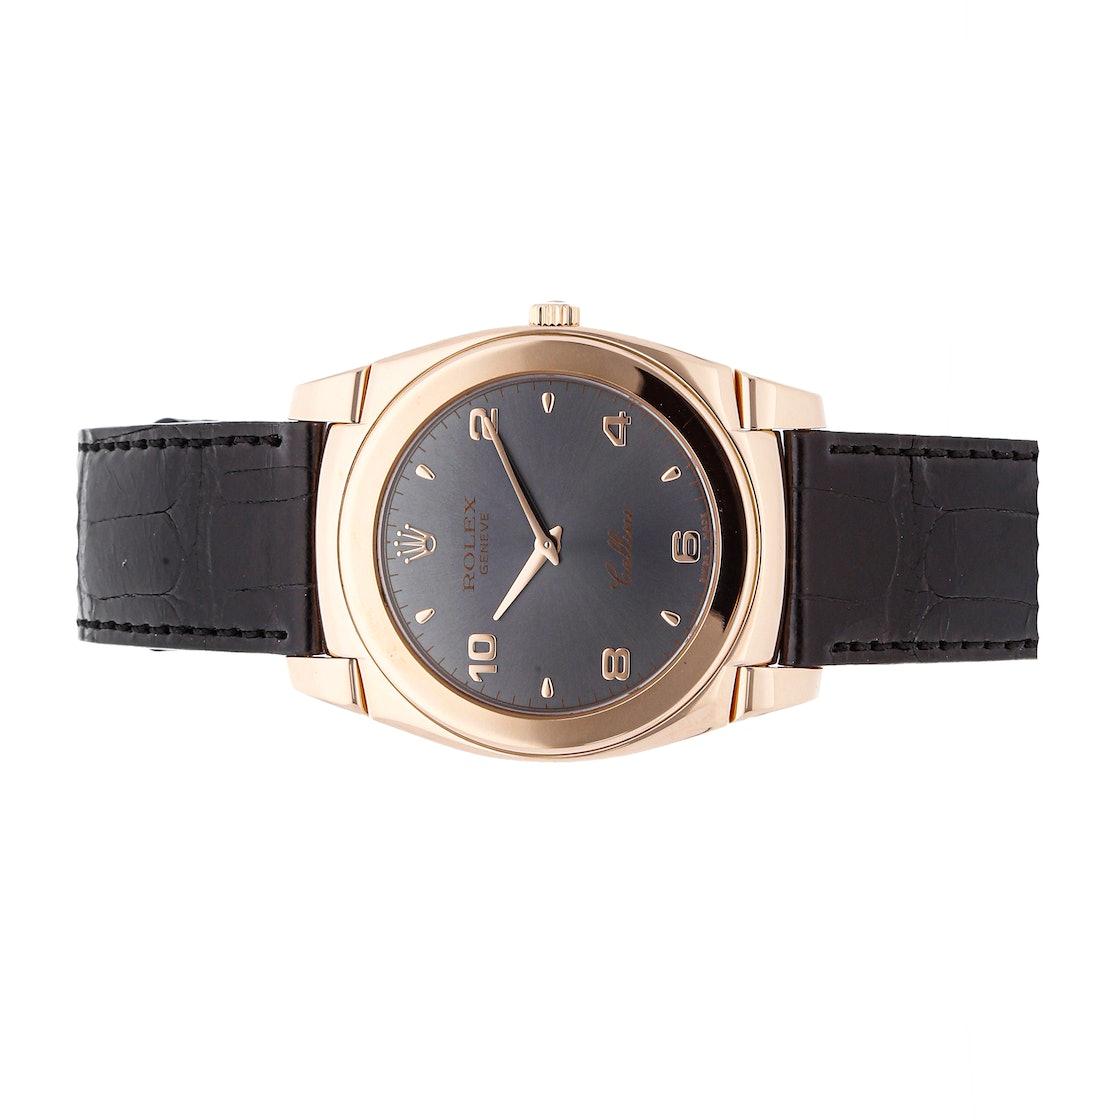 Rolex Cellini Cestello 5330/5